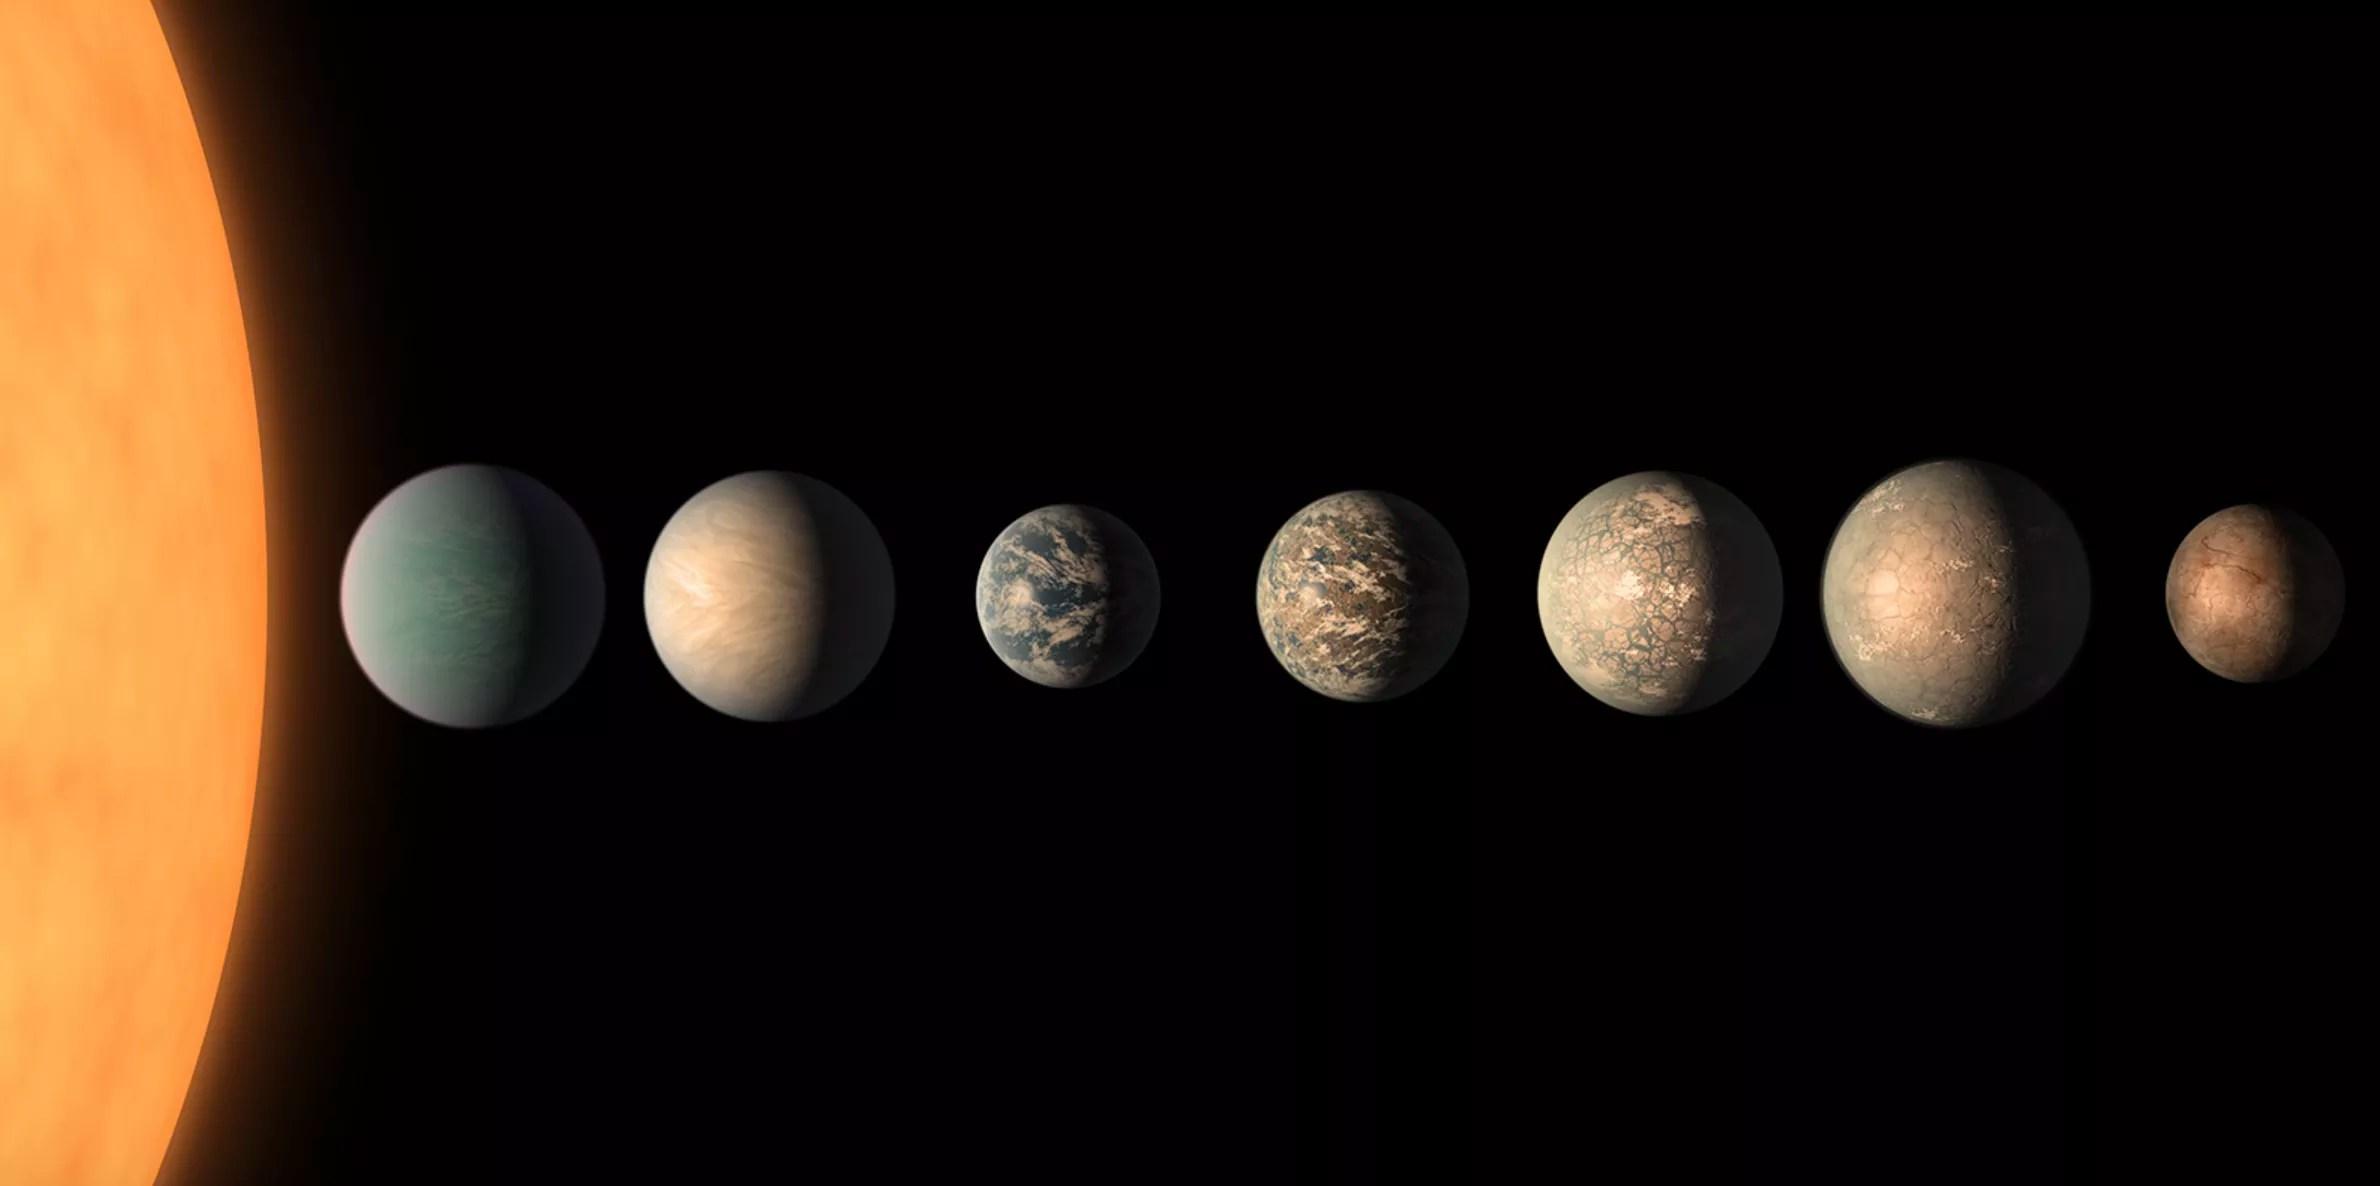 Novos Calculos Apontam Que Mercurio E O Planeta Mais